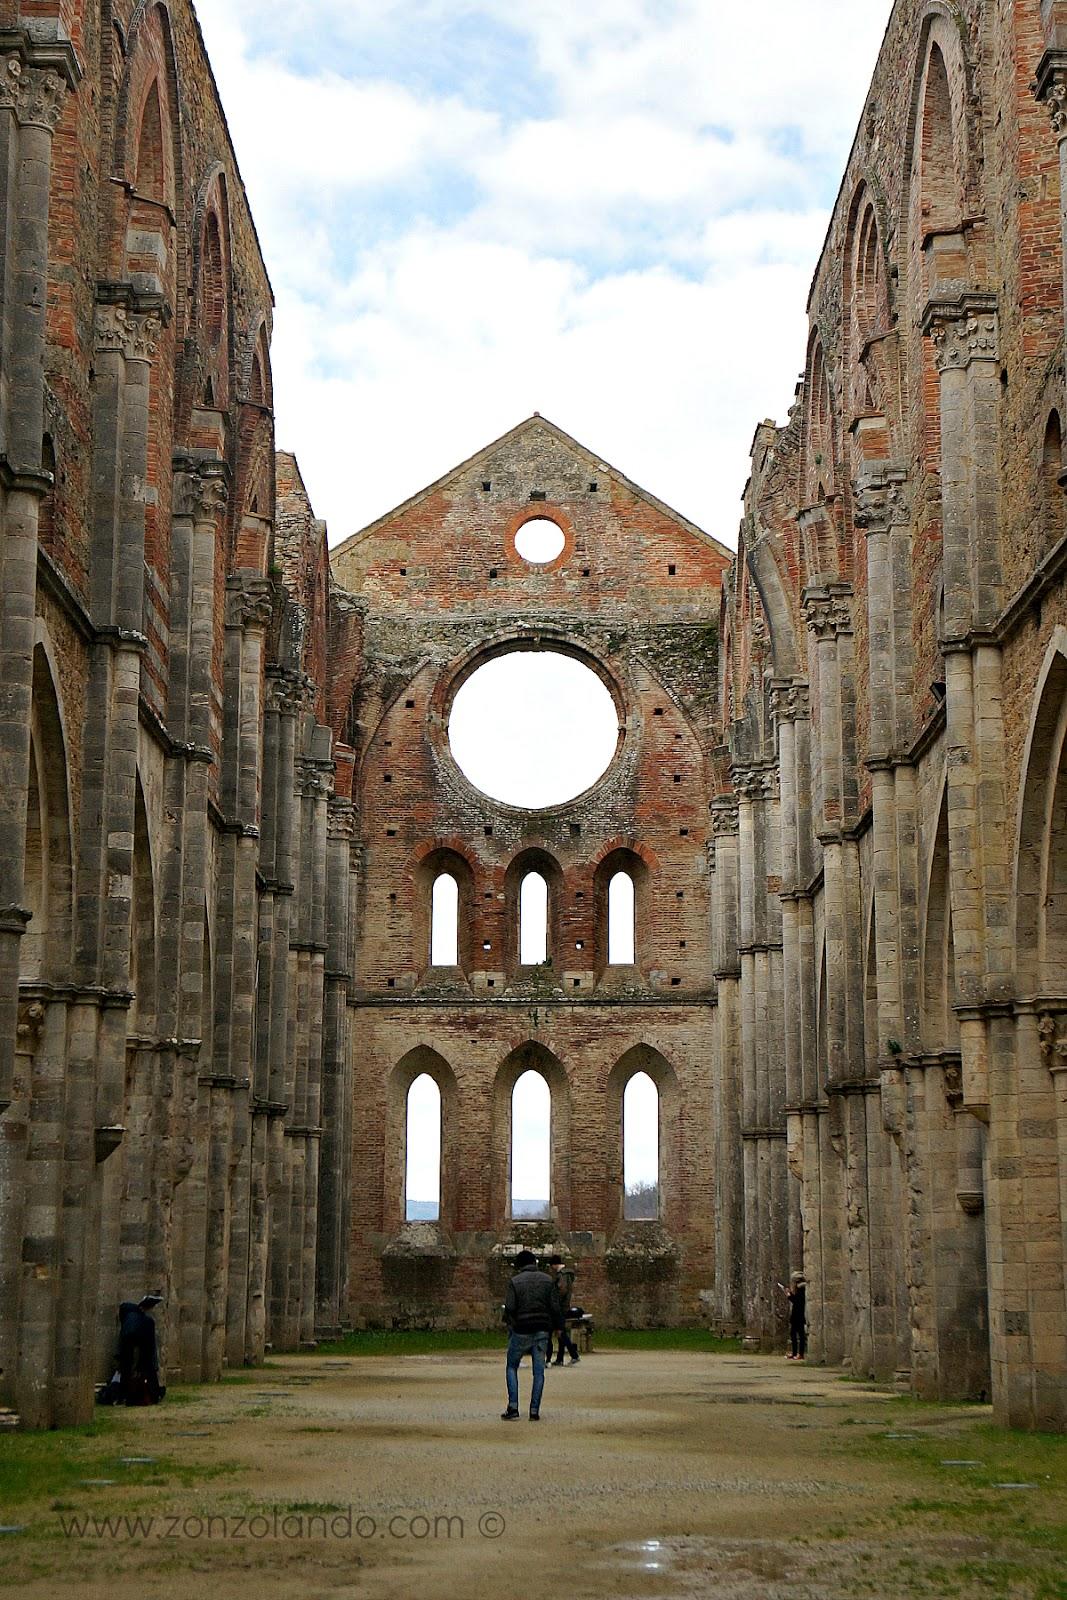 San Galgano cosa fare e vedere storia spada della roccia leggenda Re Artù abbazia eremo Chiusdino Siena